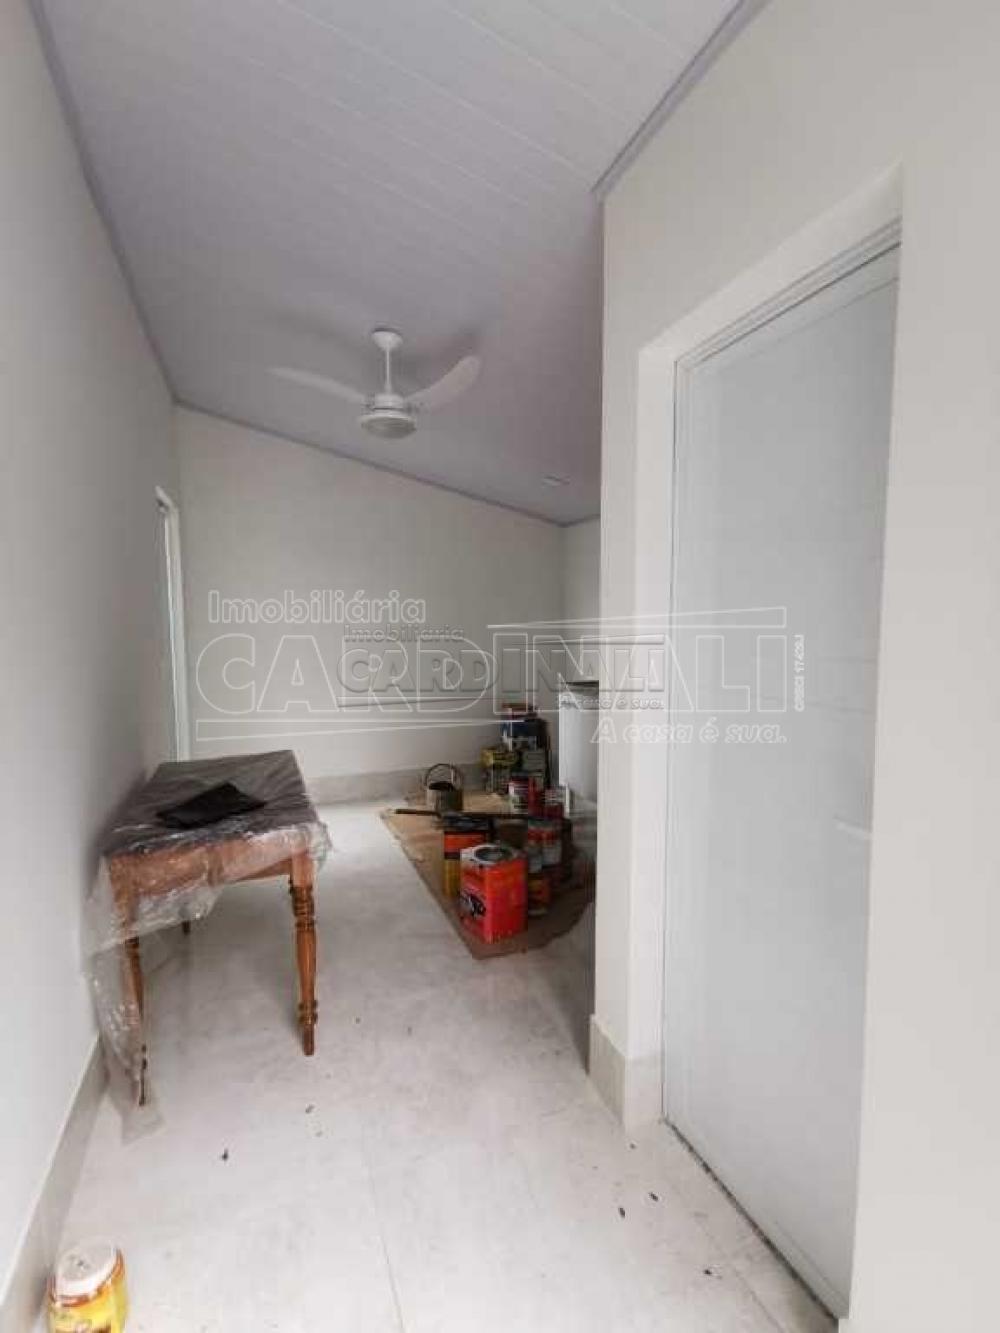 Alugar Comercial / Sala sem Condomínio em Araraquara apenas R$ 1.000,00 - Foto 19